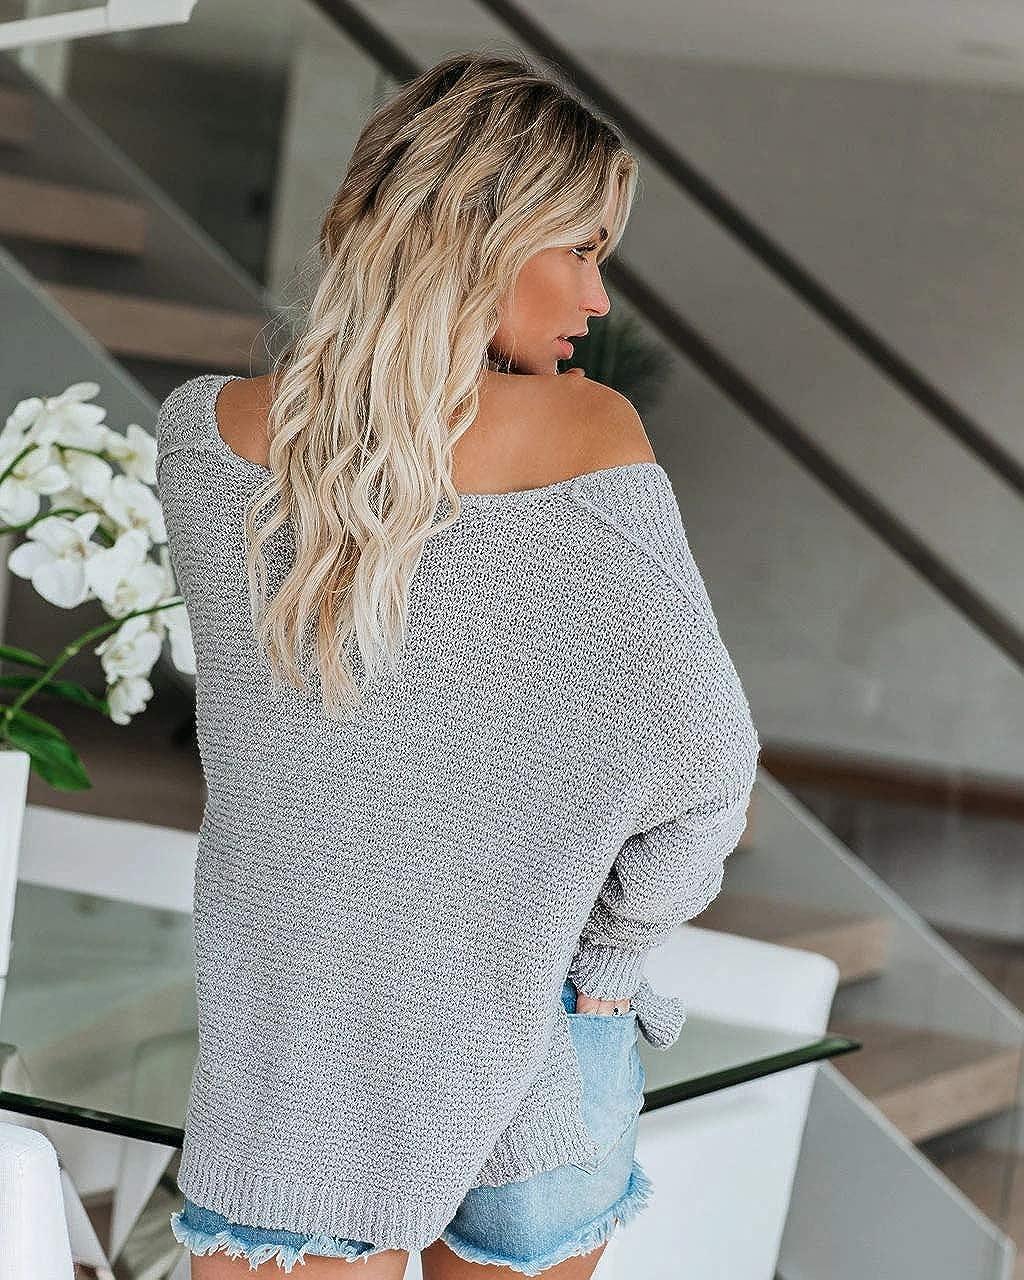 Ribtorsp Womens Loose Off Shoulder Sweater V Neck Batwing Sleeve Jumpers Side Slit Pullover Knitwear Tops